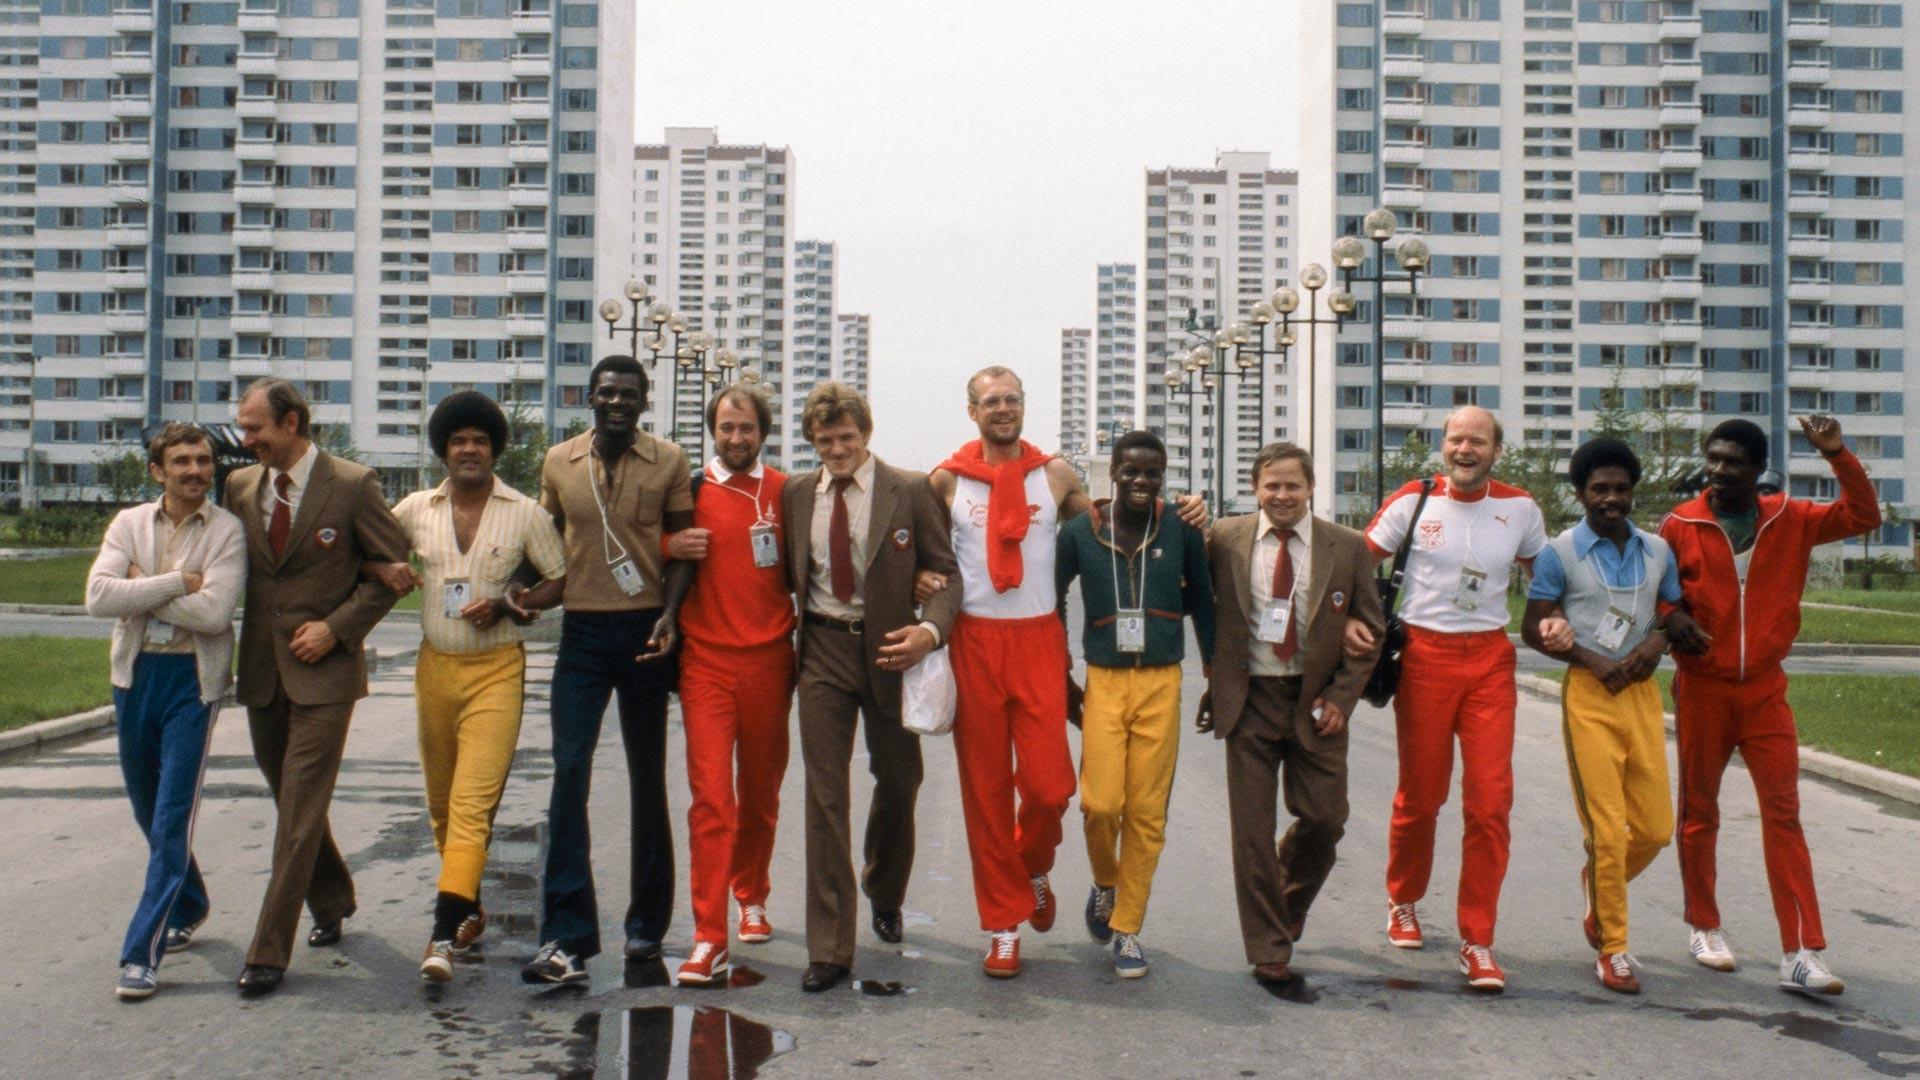 Des sportifs de l'URSS, du Danemark et de la Guyane au village olympique